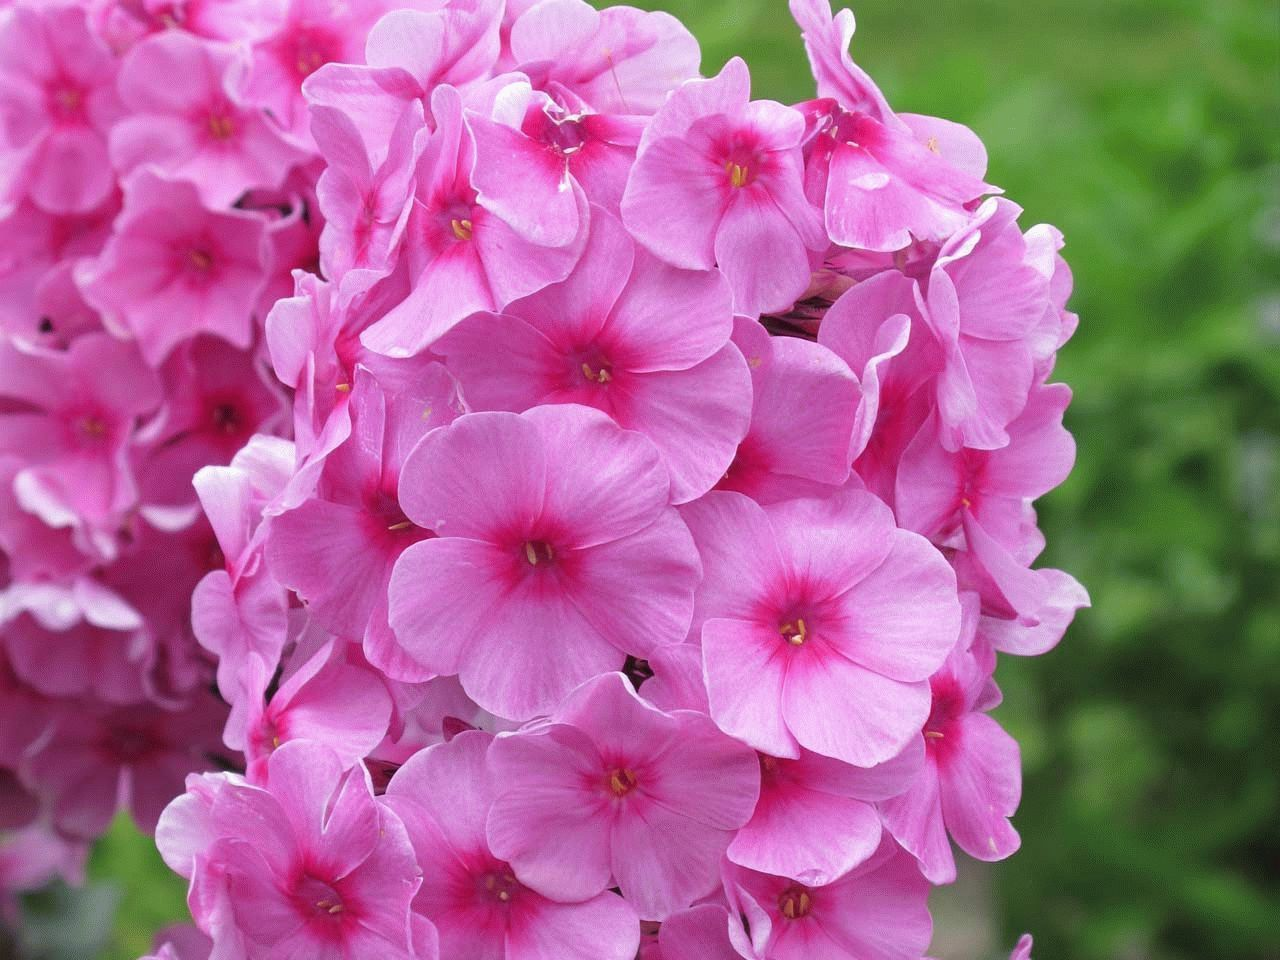 Флоксы многолетние цветы в саду. Посадка и уход. Популярные 5